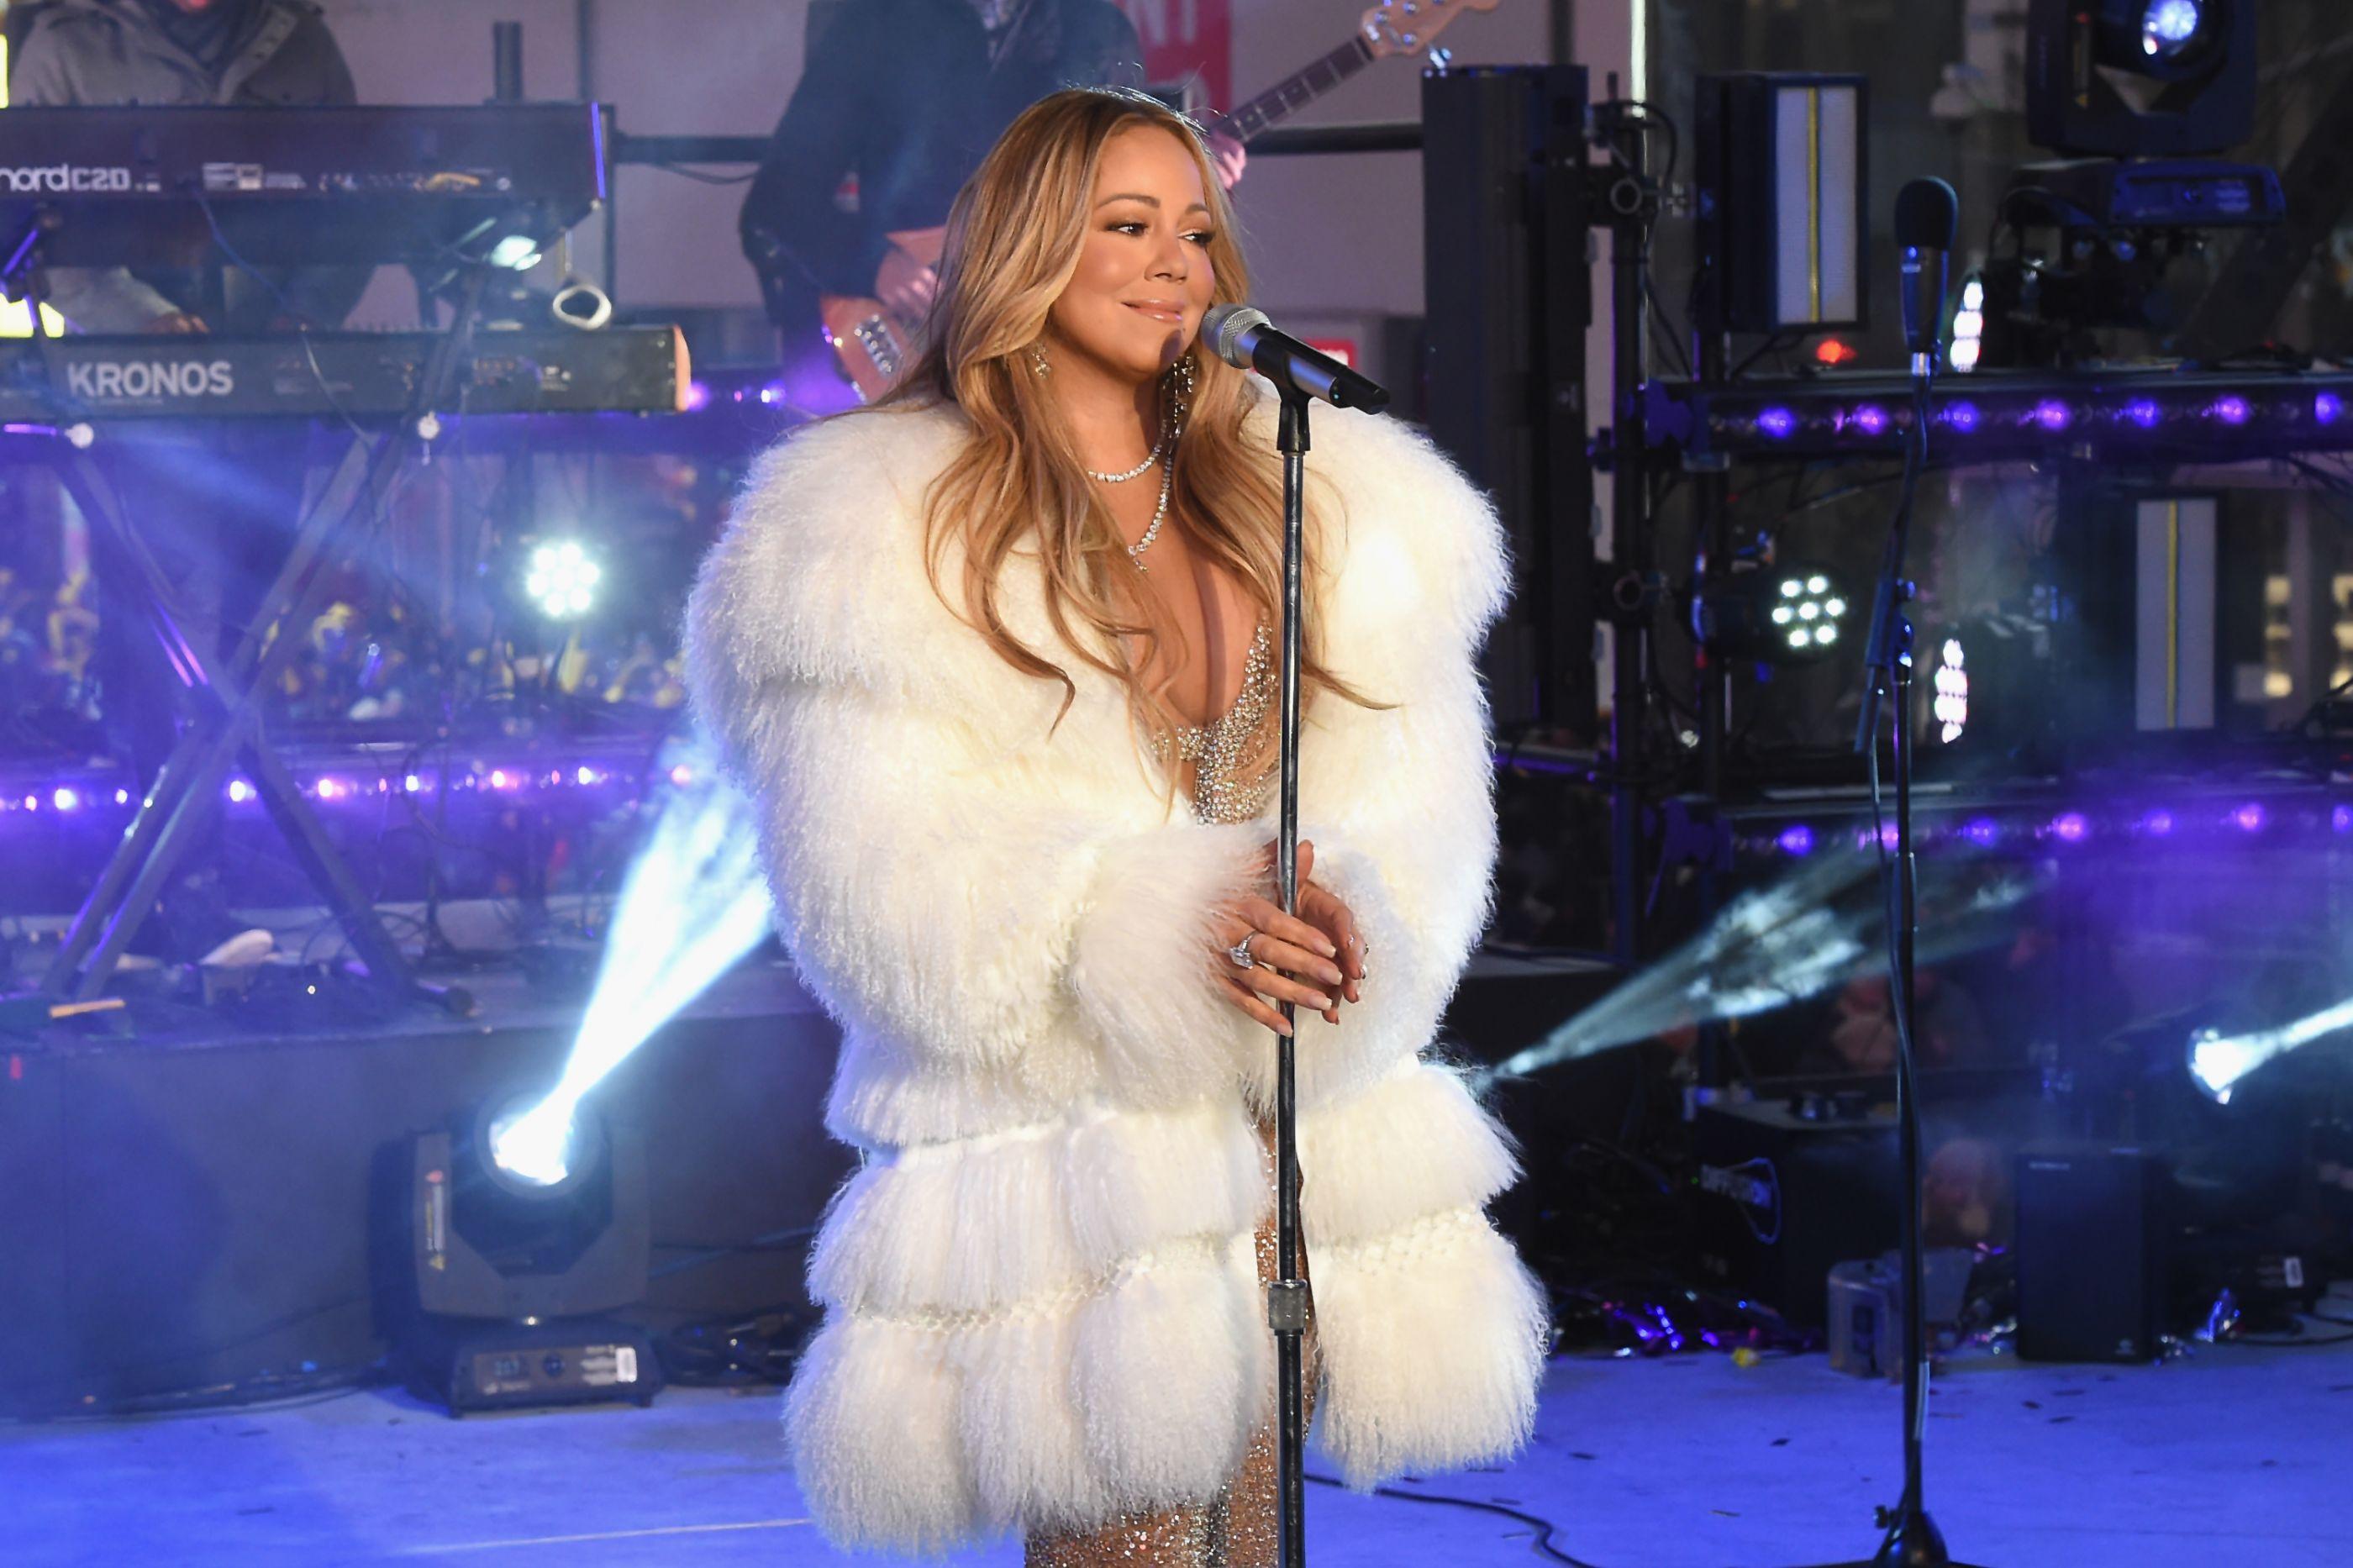 Quando atingiu o estrelato, Mariah Carey viveu grave crise emocional